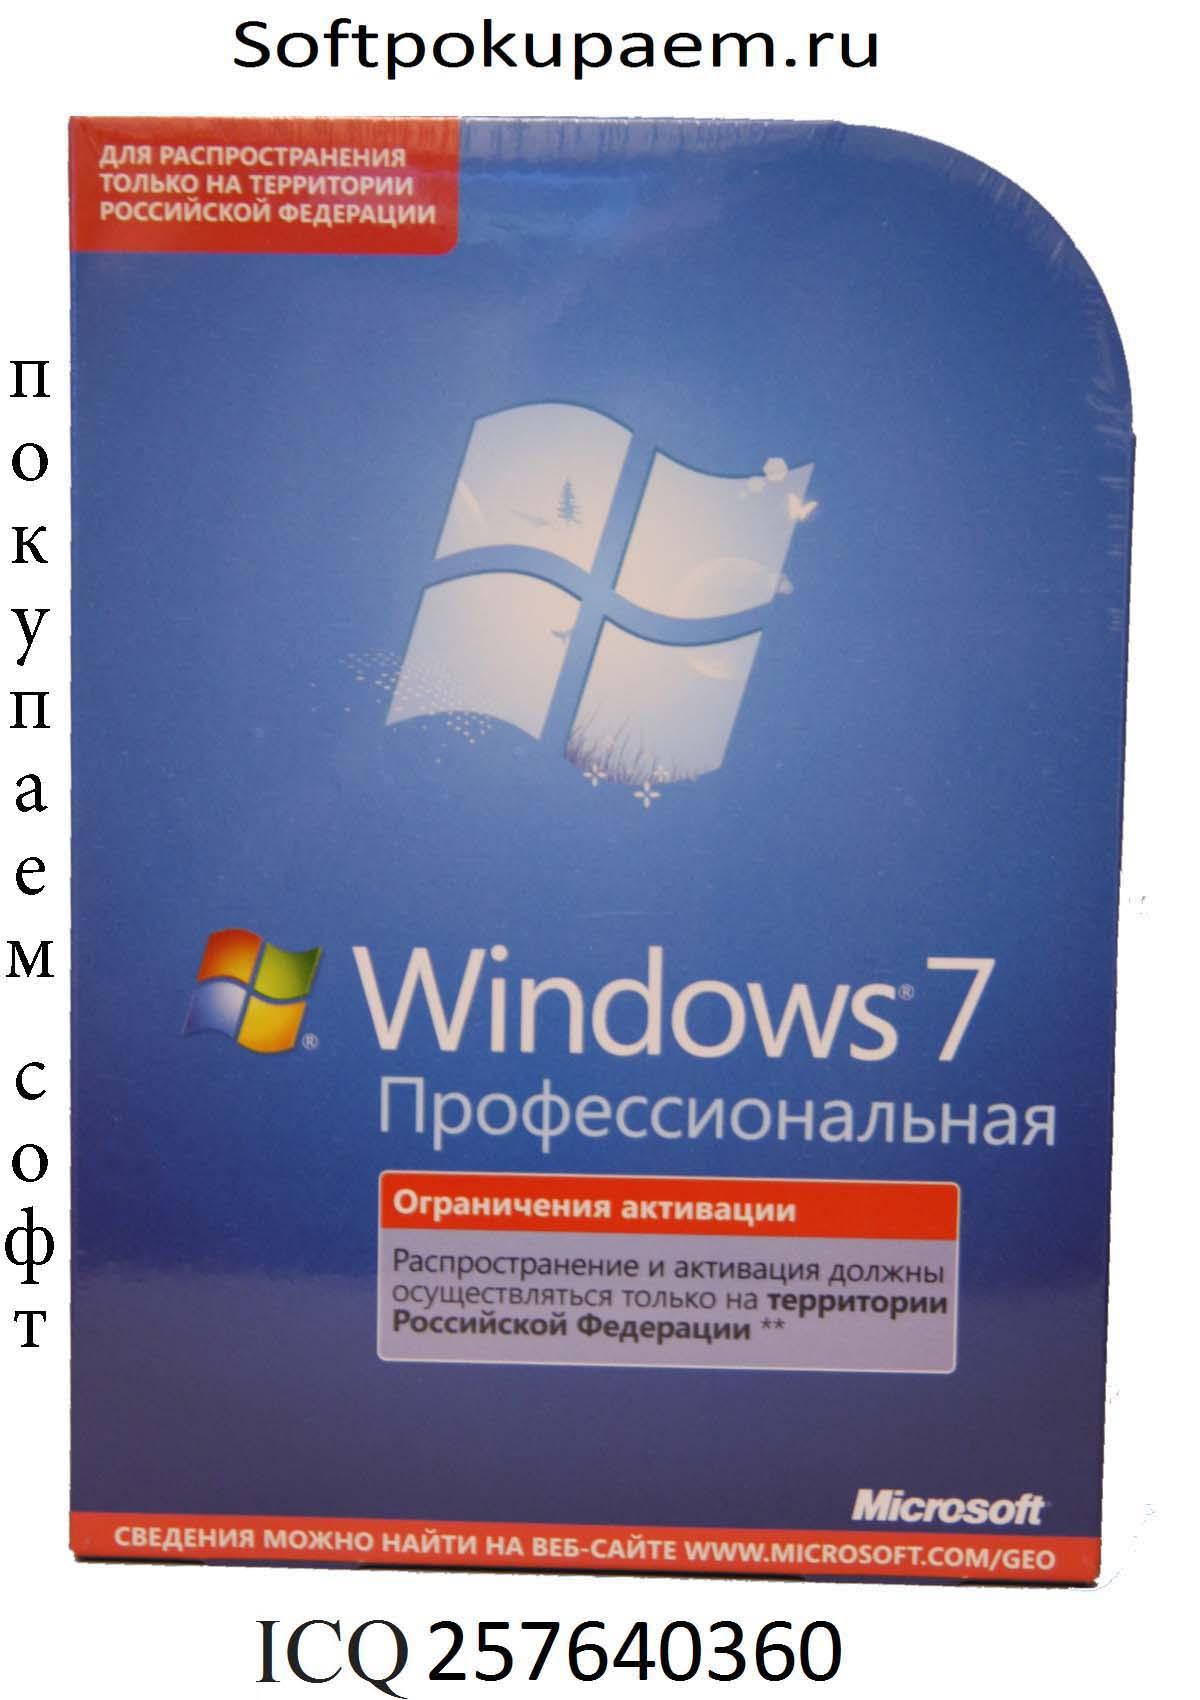 Купим у Вас, лицензионные программы, как новые, так и б.у. Microsoft